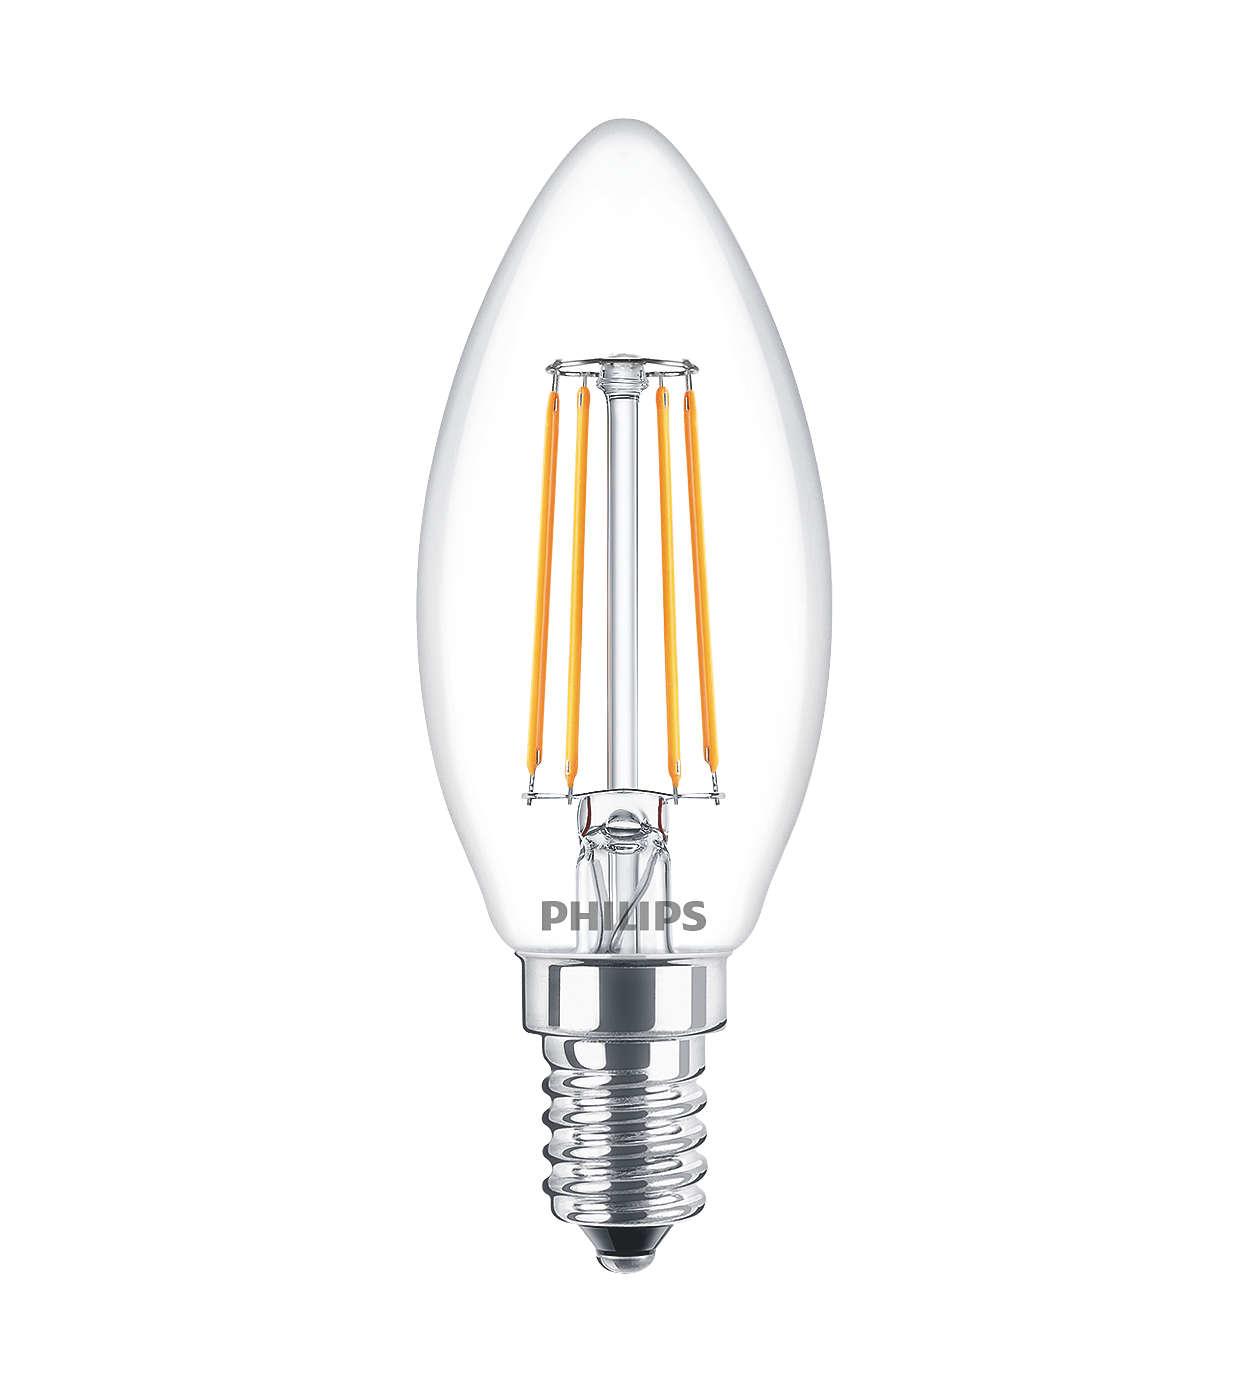 Philips Lampadina a LED - Lampadina a LED - Philedcan40e14